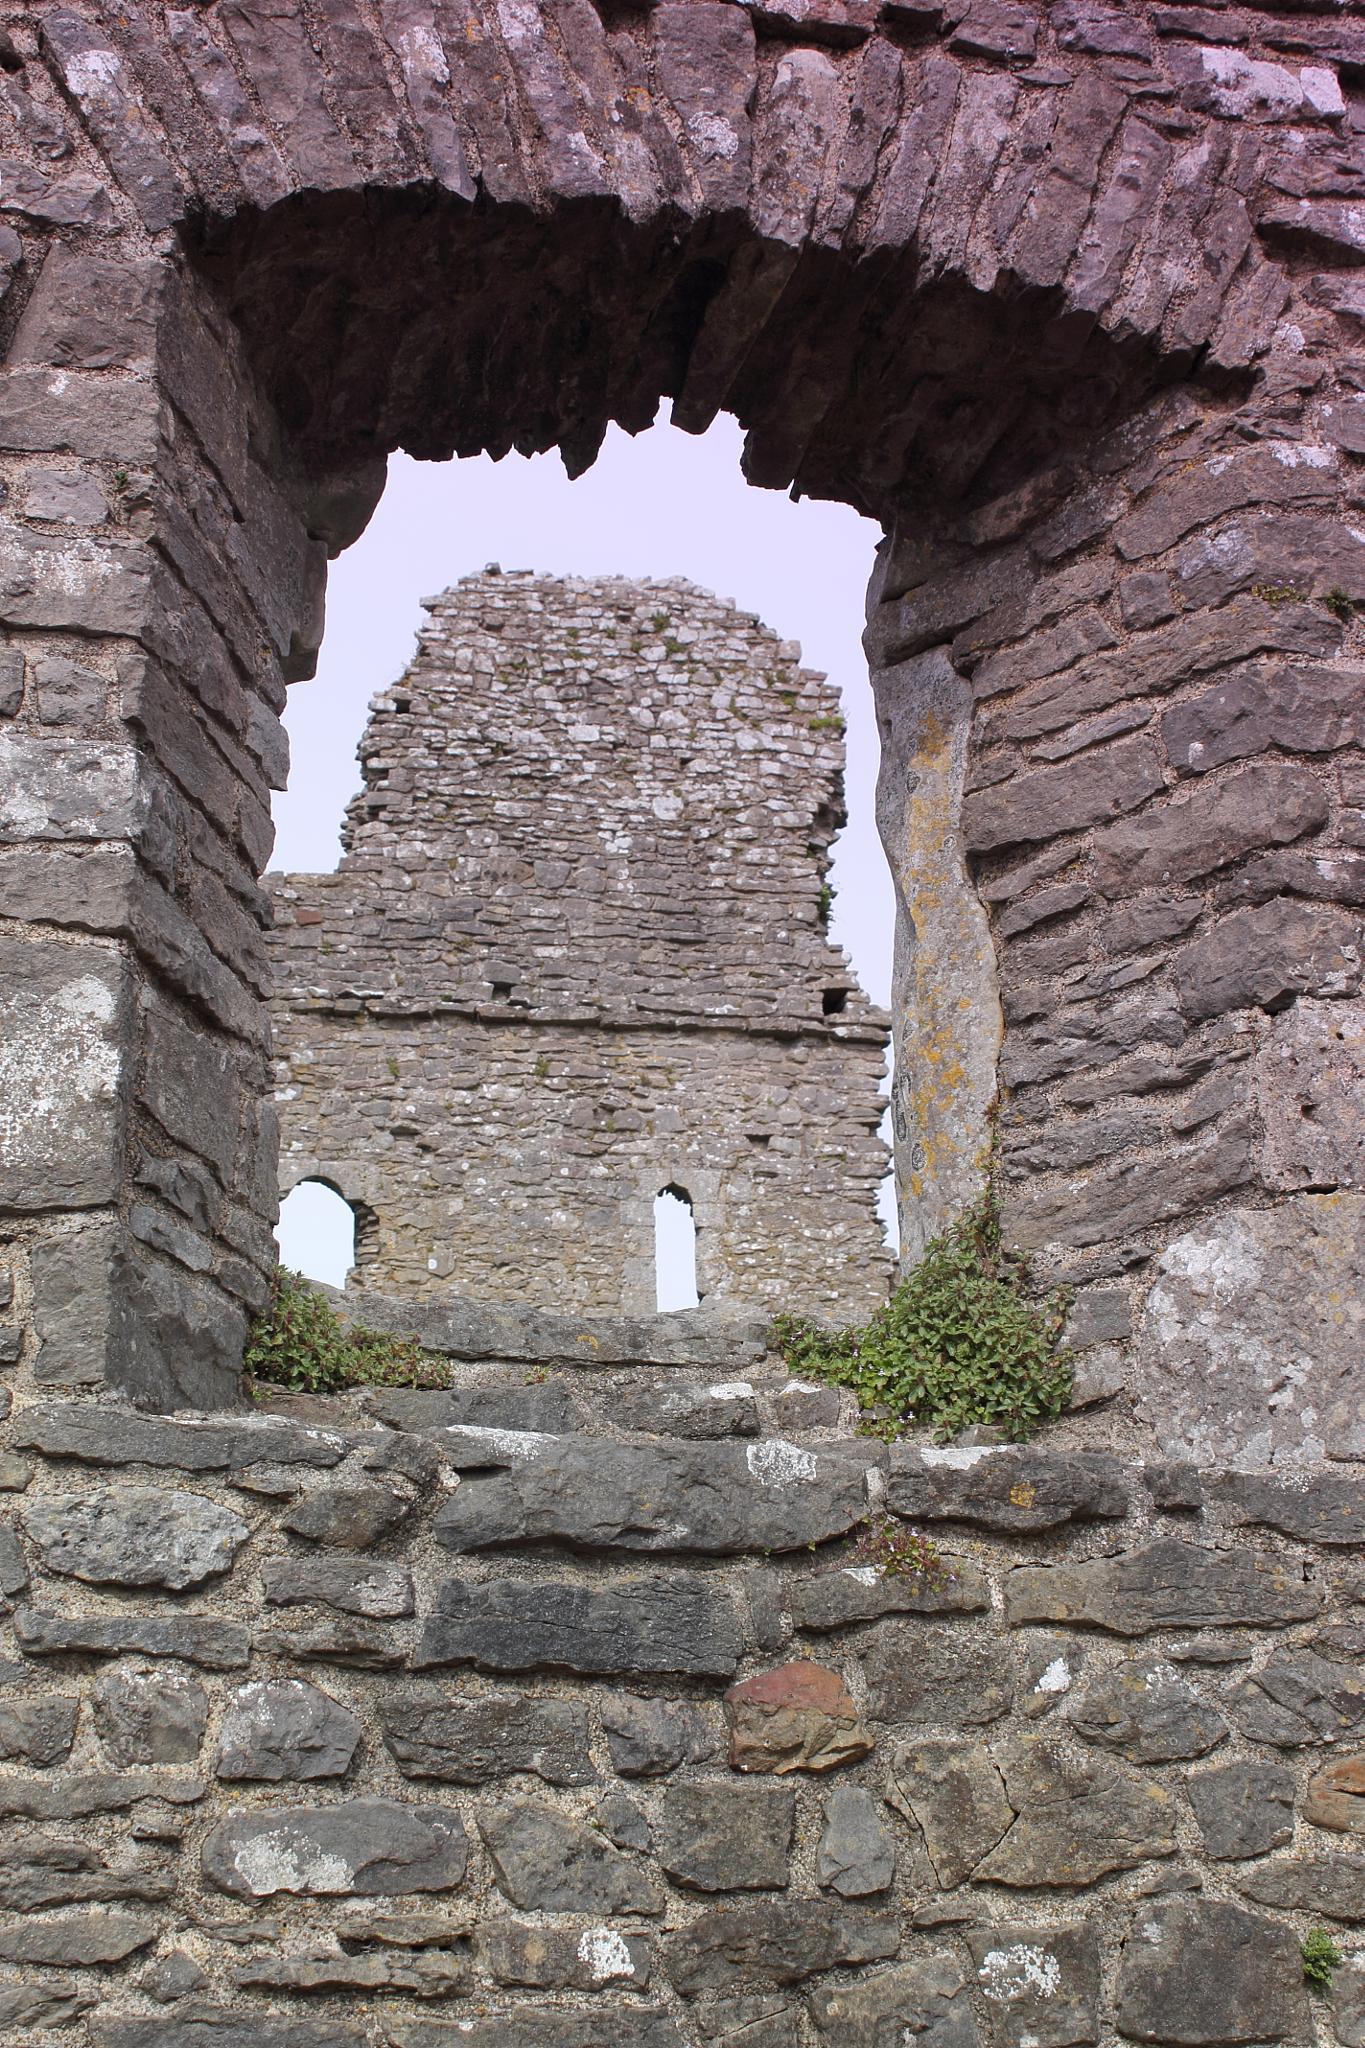 ogmore castle by nigel.seldon.1